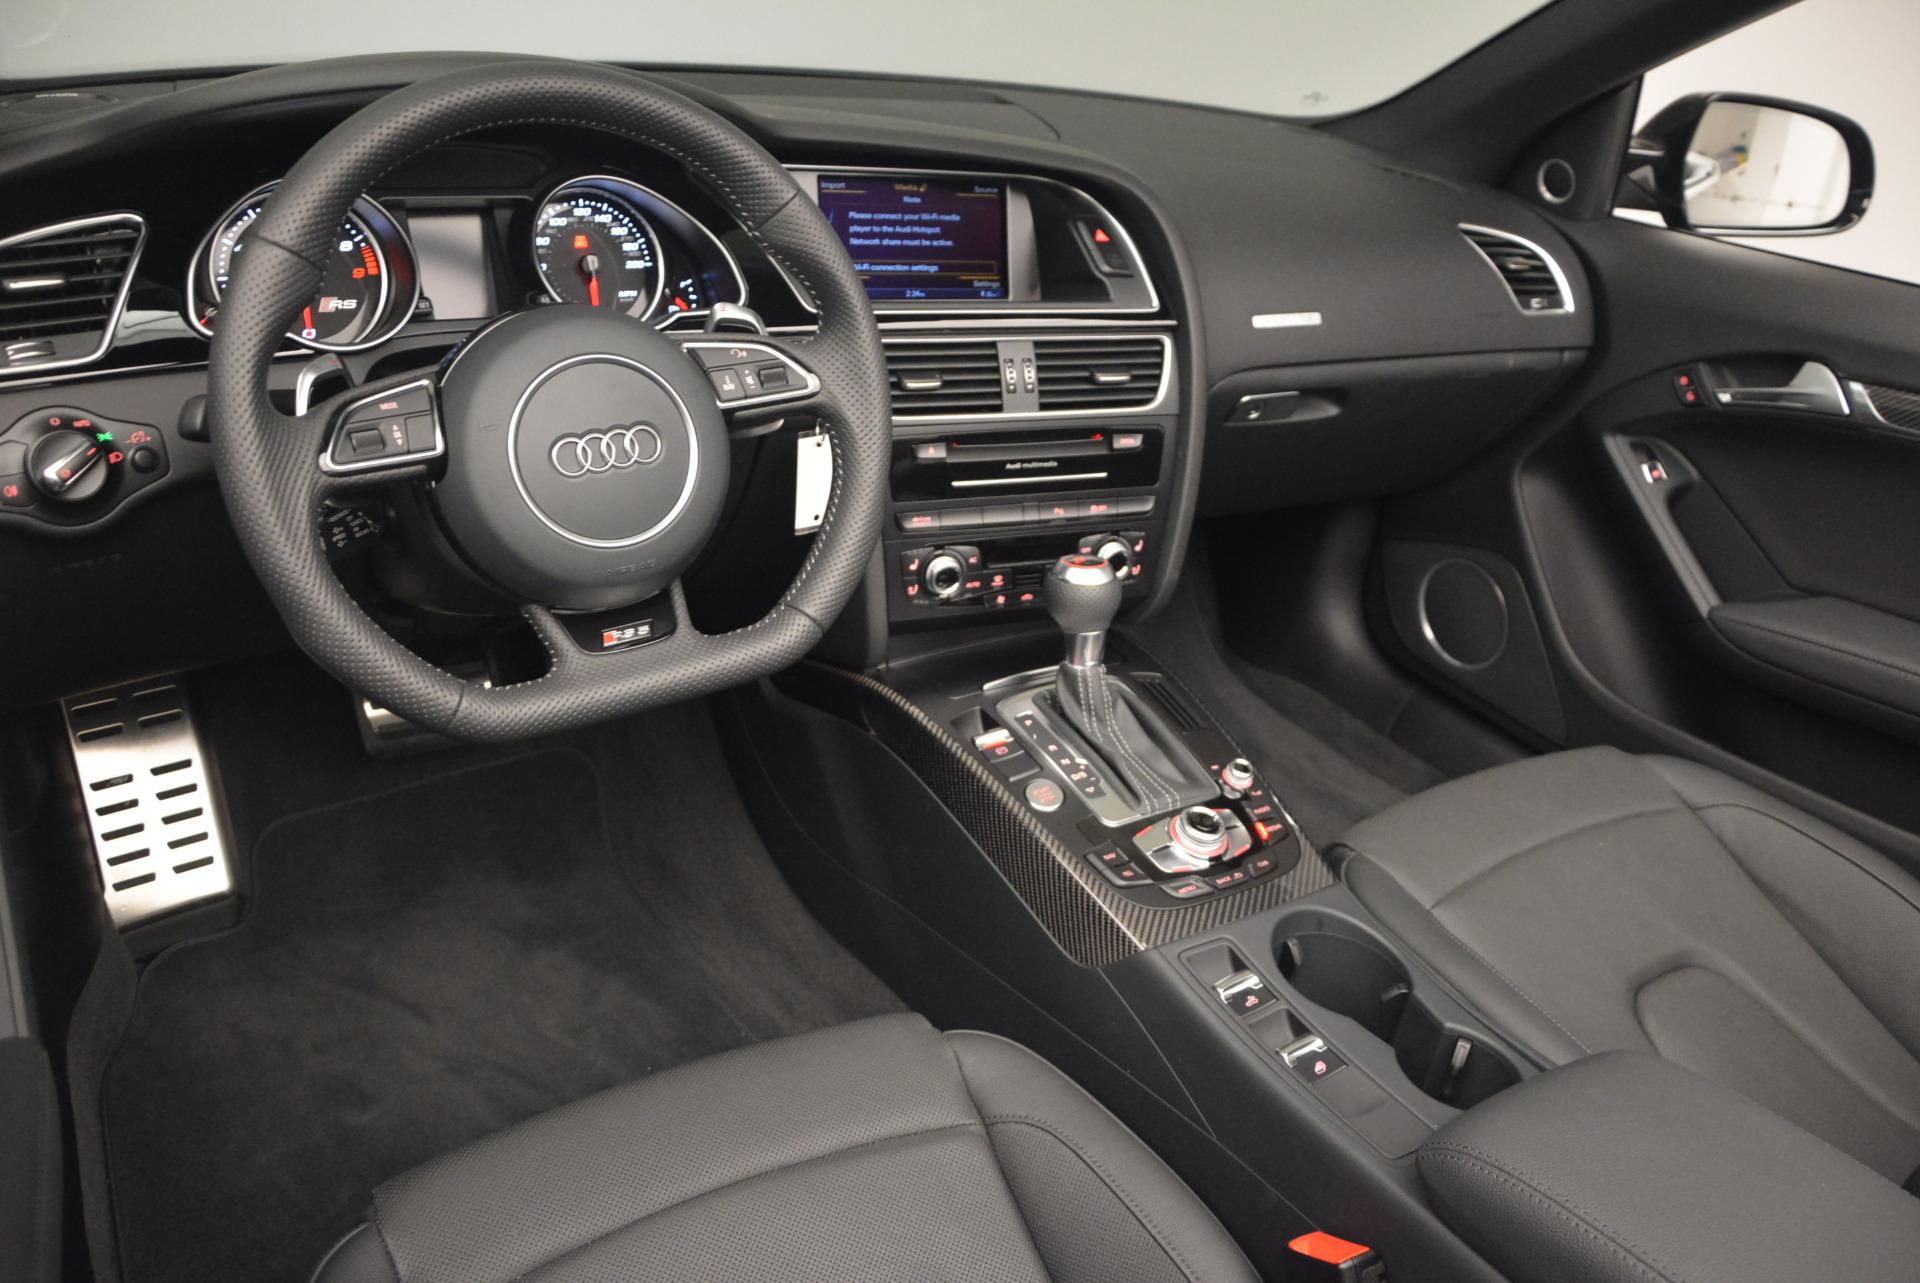 Used 2014 Audi RS 5 quattro For Sale In Westport, CT 1149_p31